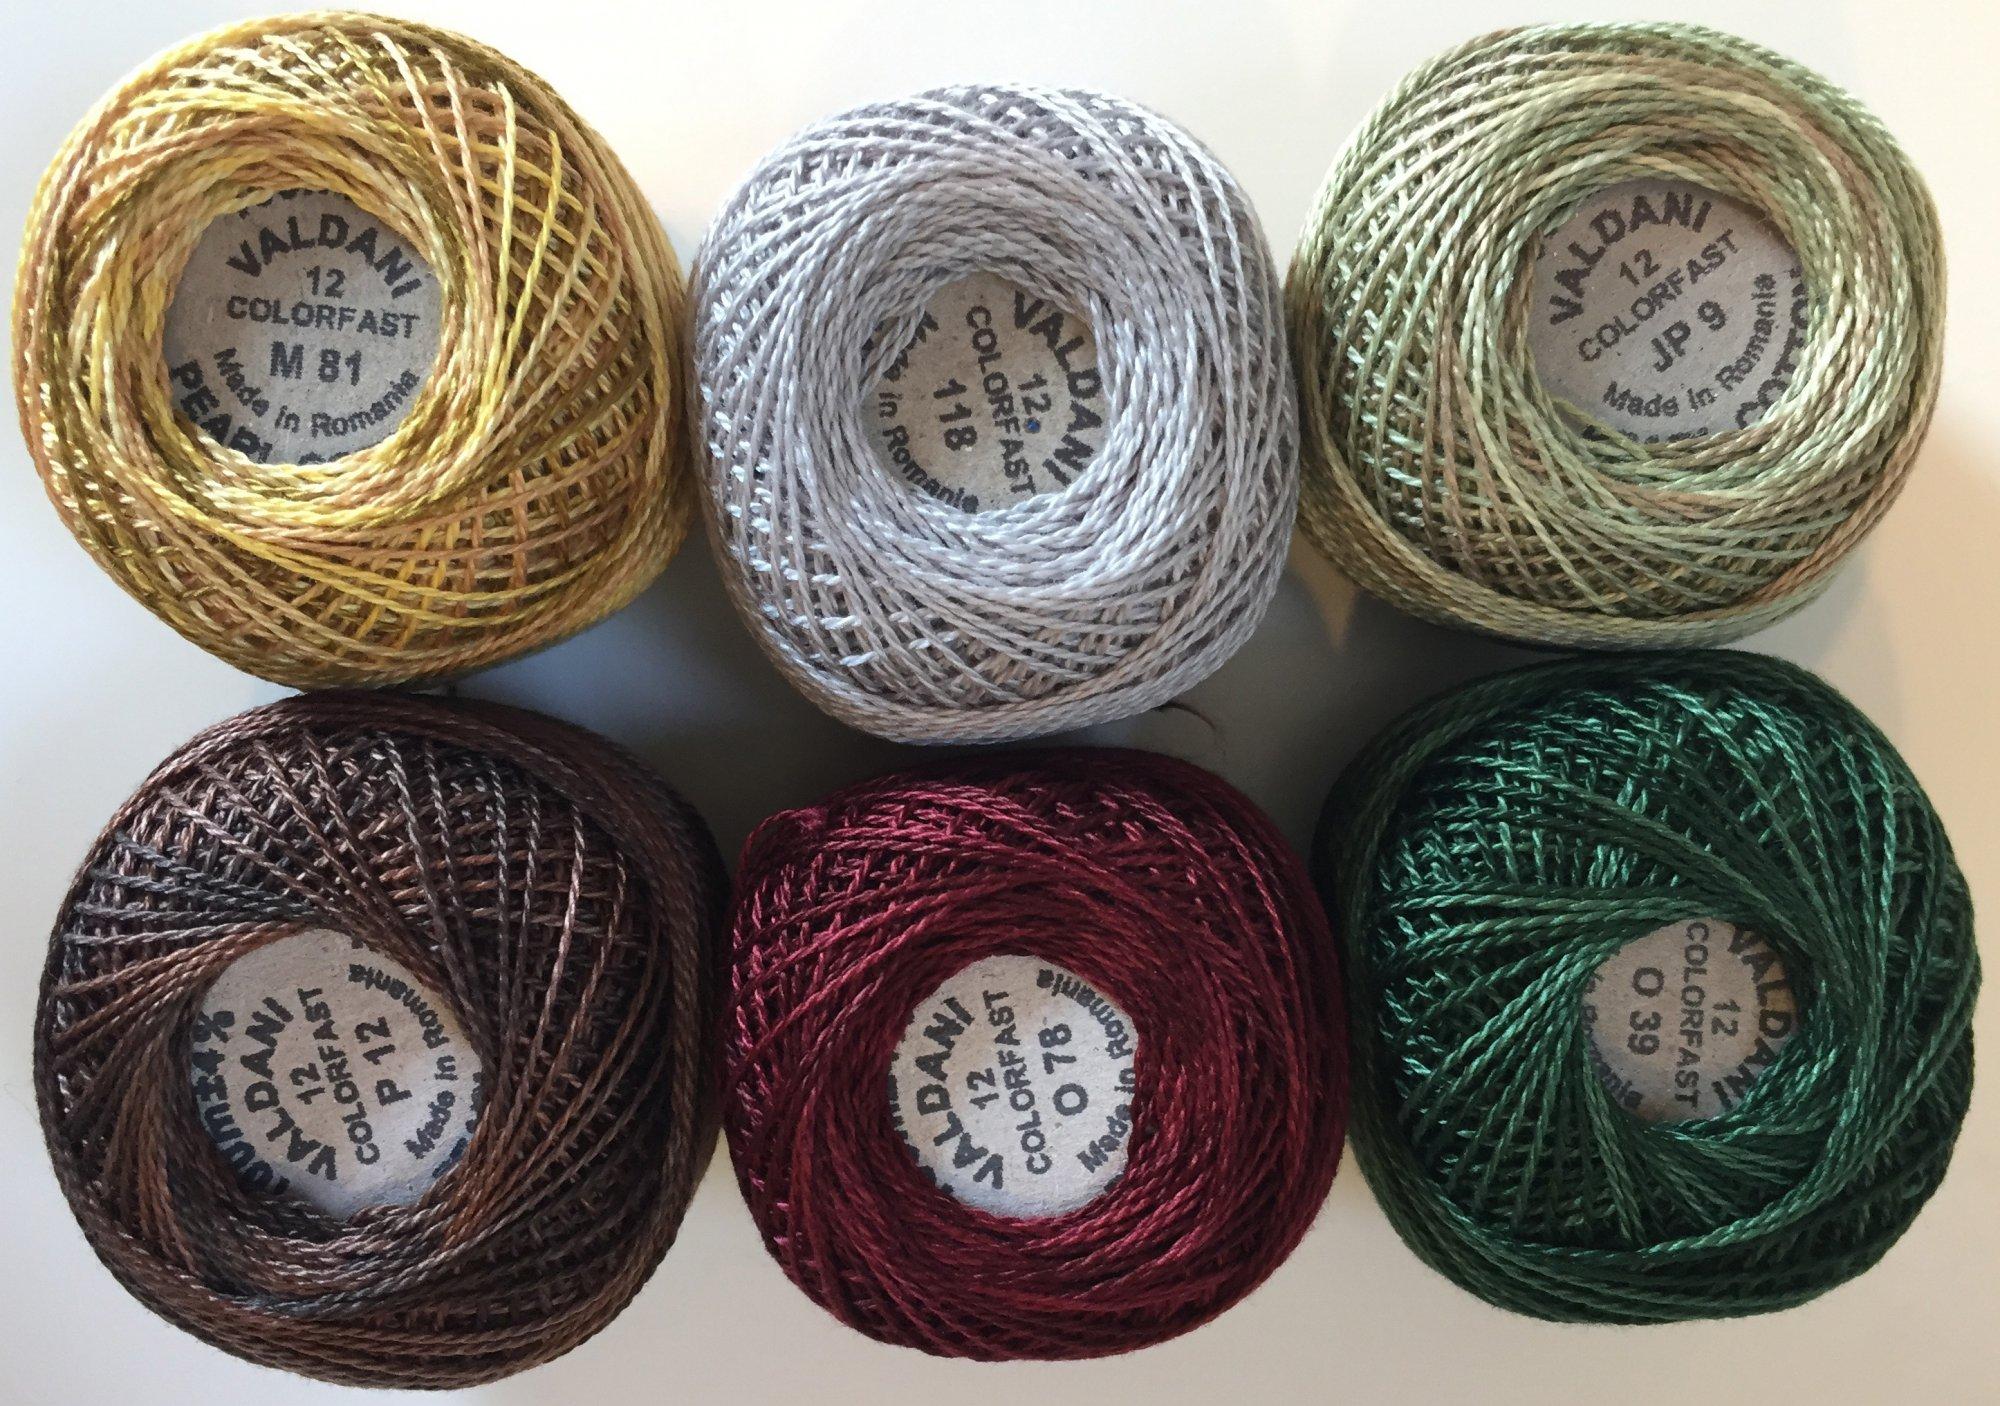 Good Wool ThreadKit Size 12 - October